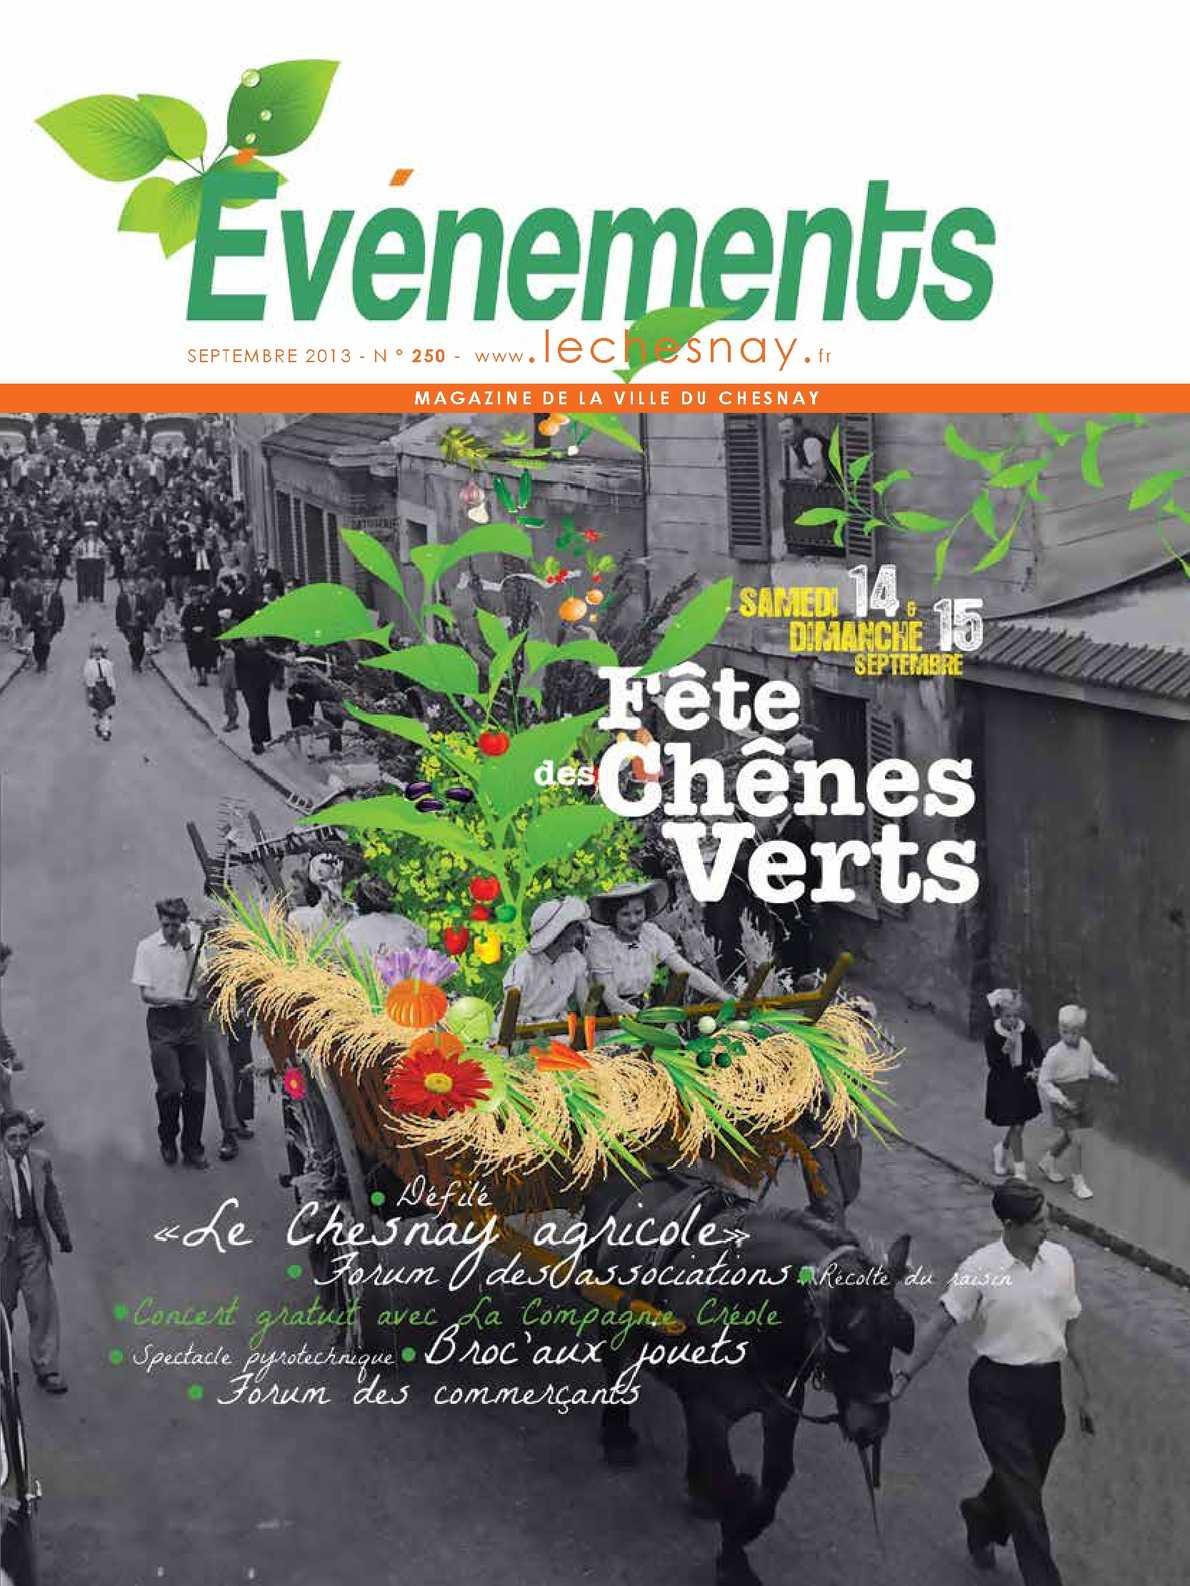 Le Rendez Vous Enchanté Le Chesnay calaméo - evènements n° 250